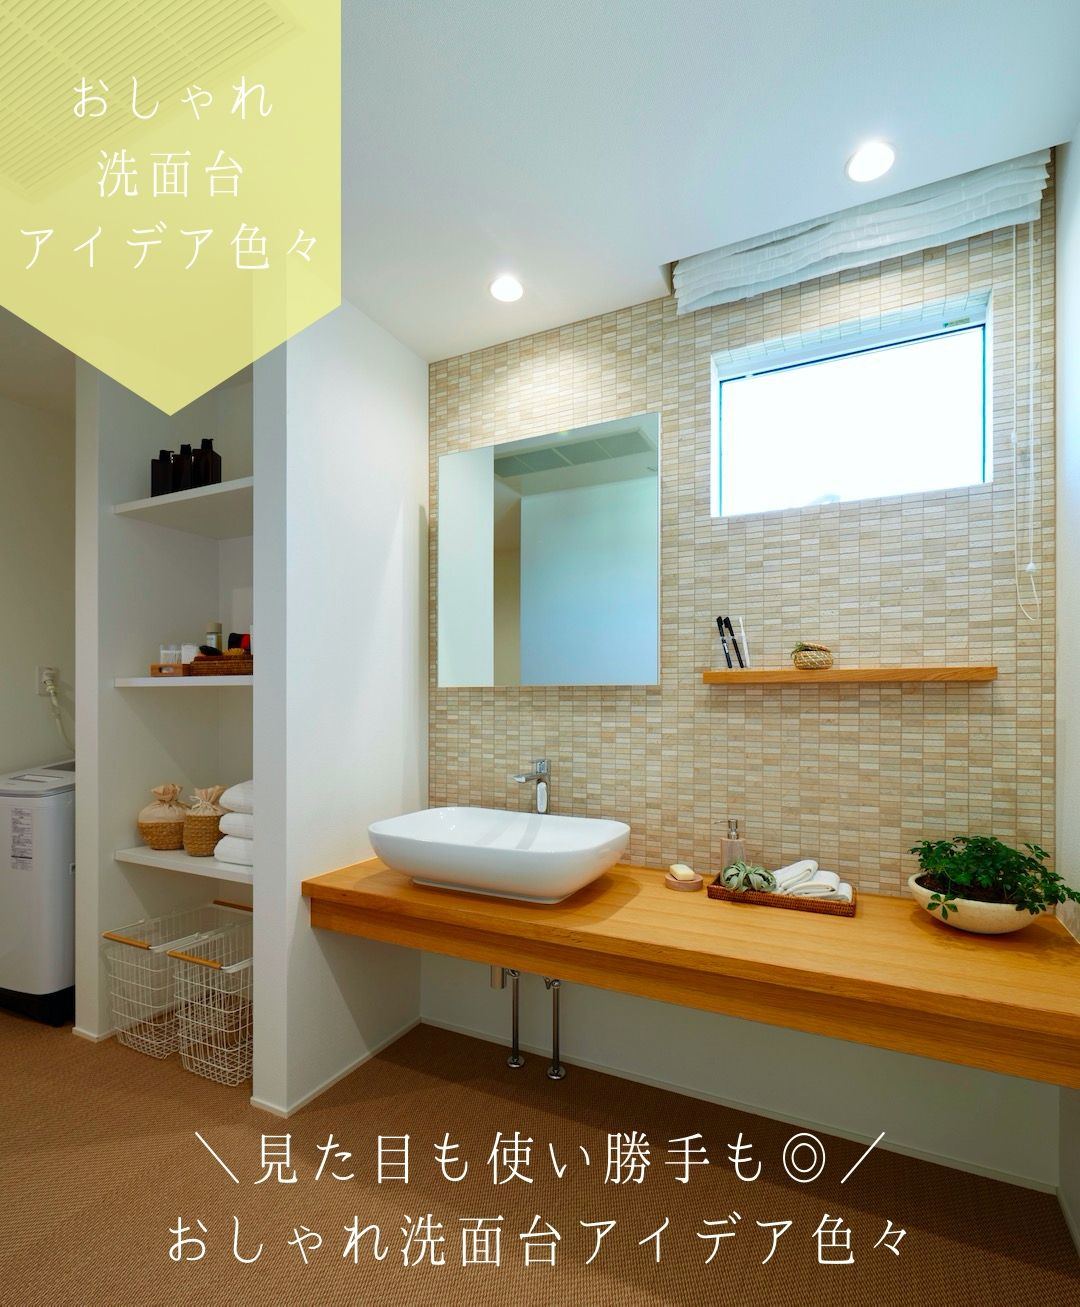 おしゃれな空間に♪洗面コーナーのアイデア色々